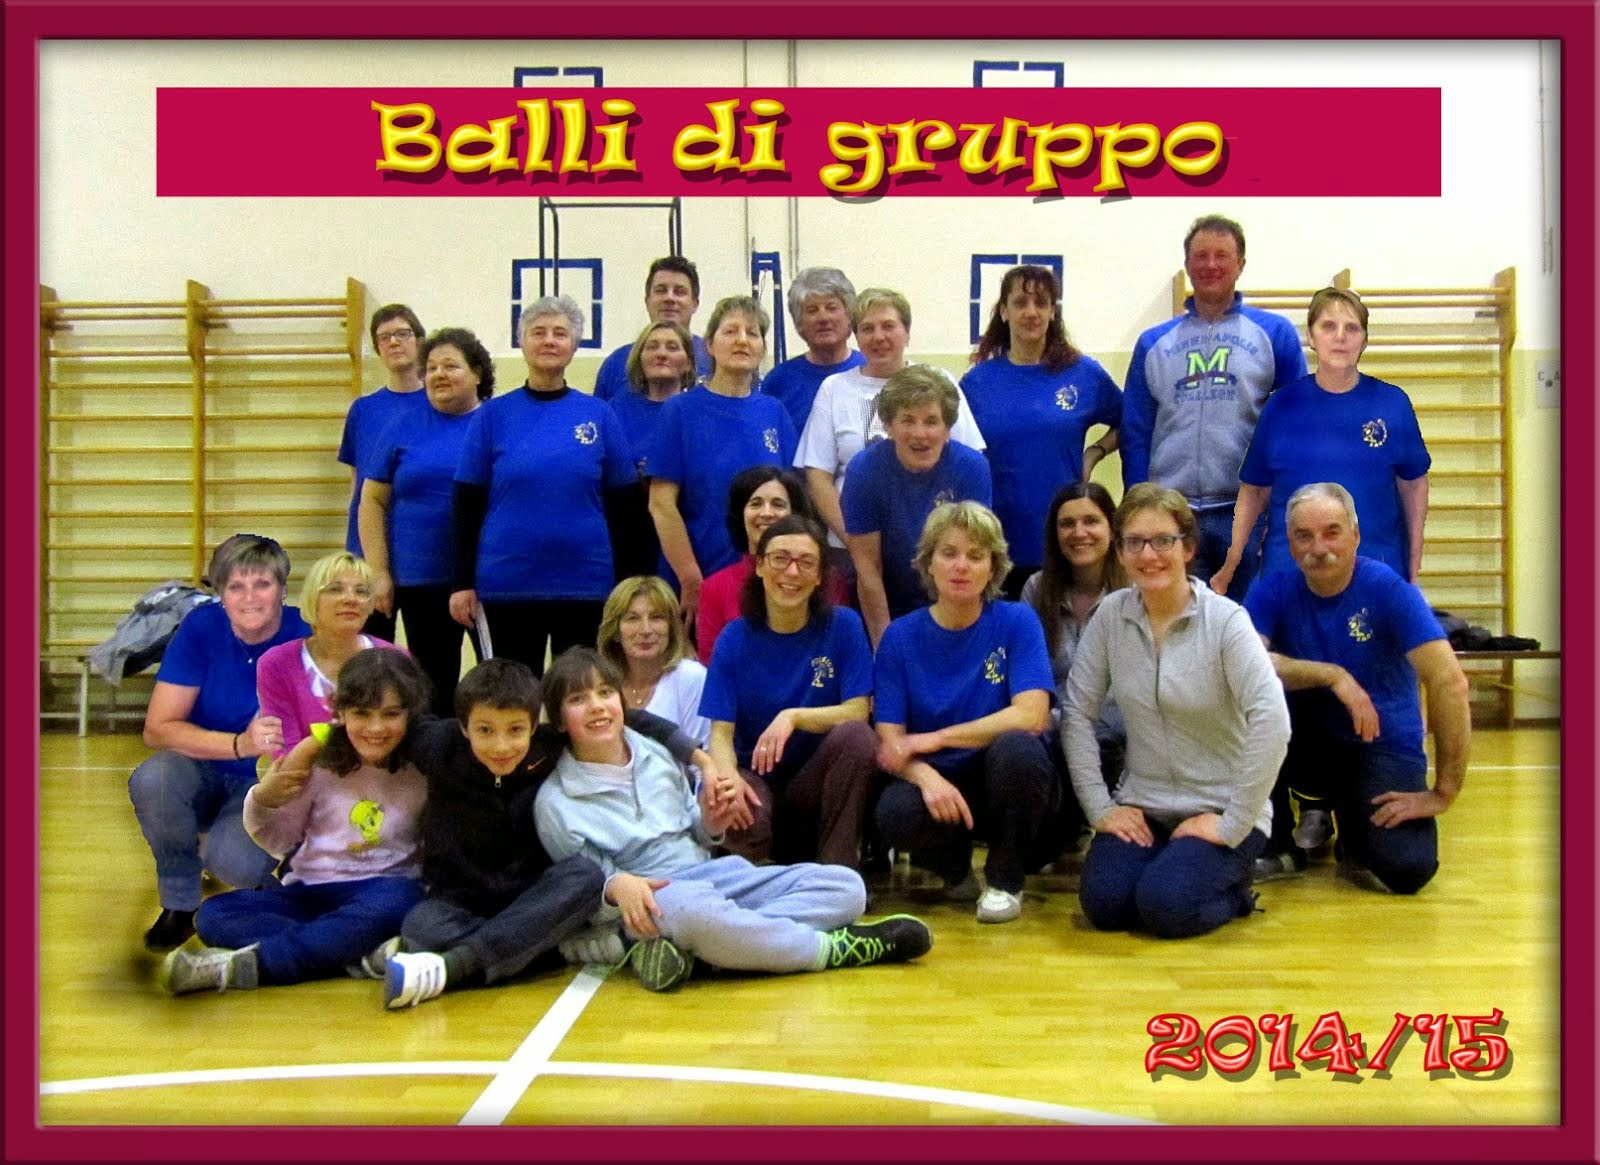 Corso di Balli di Gruppo 2014/15